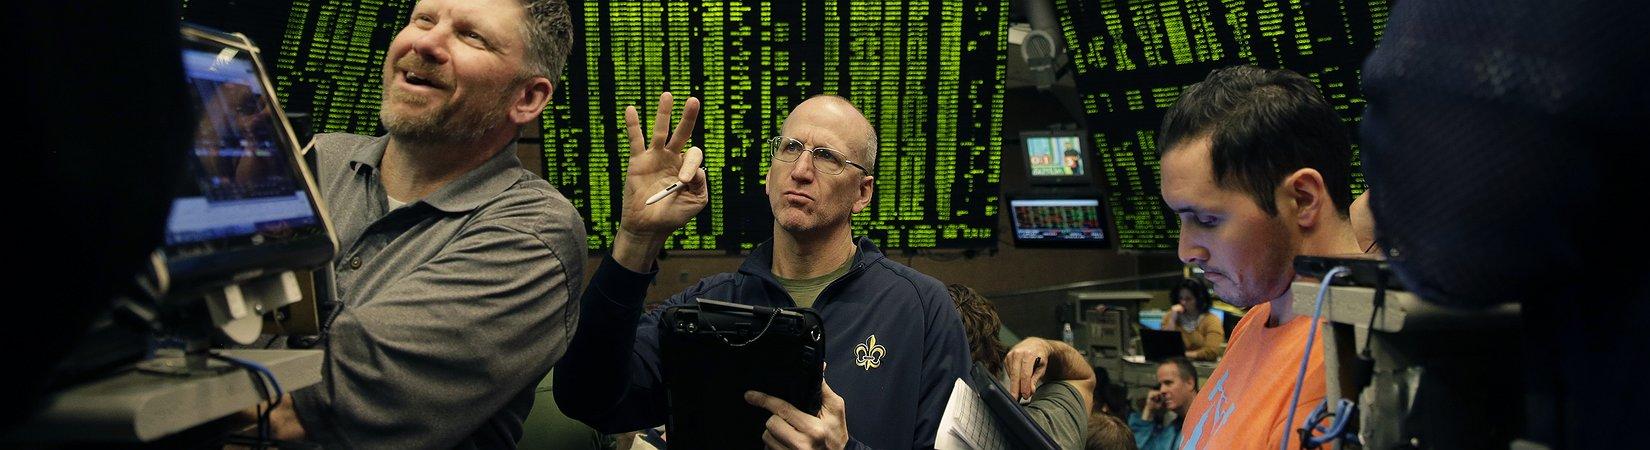 На бирже CBOE закрылись первые фьючерсы на биткоин